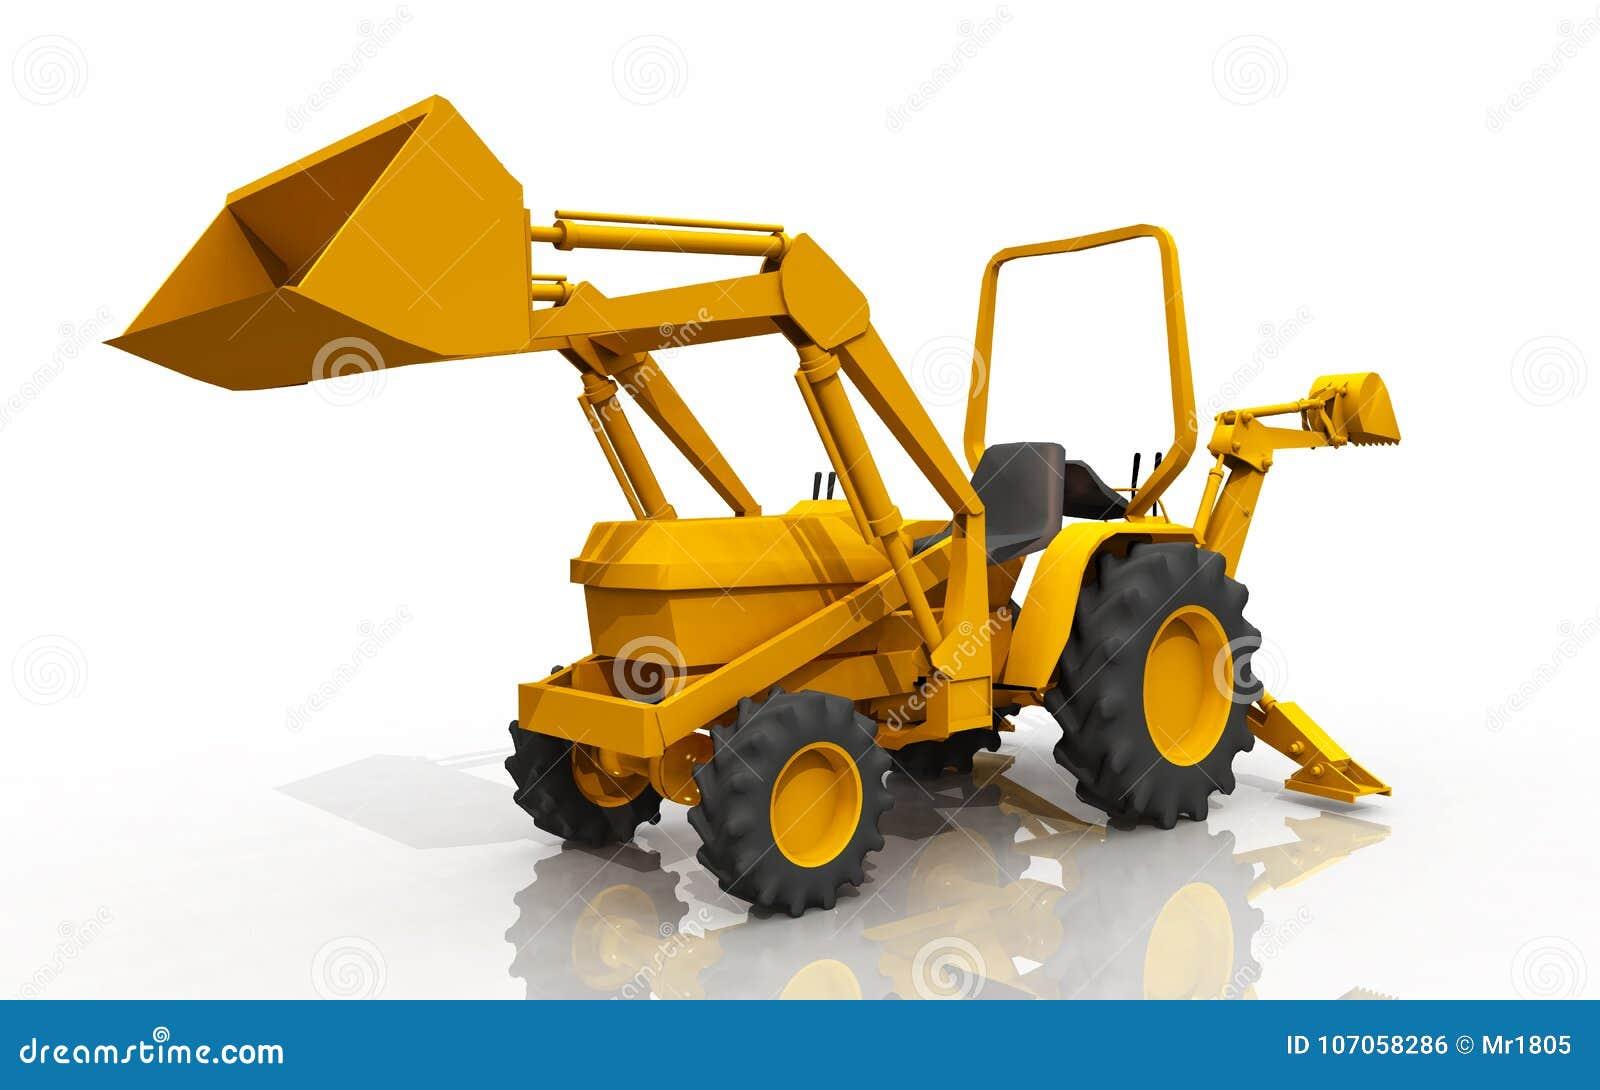 Kompakter traktor frontlader und löffelbagger gegen einen weißen